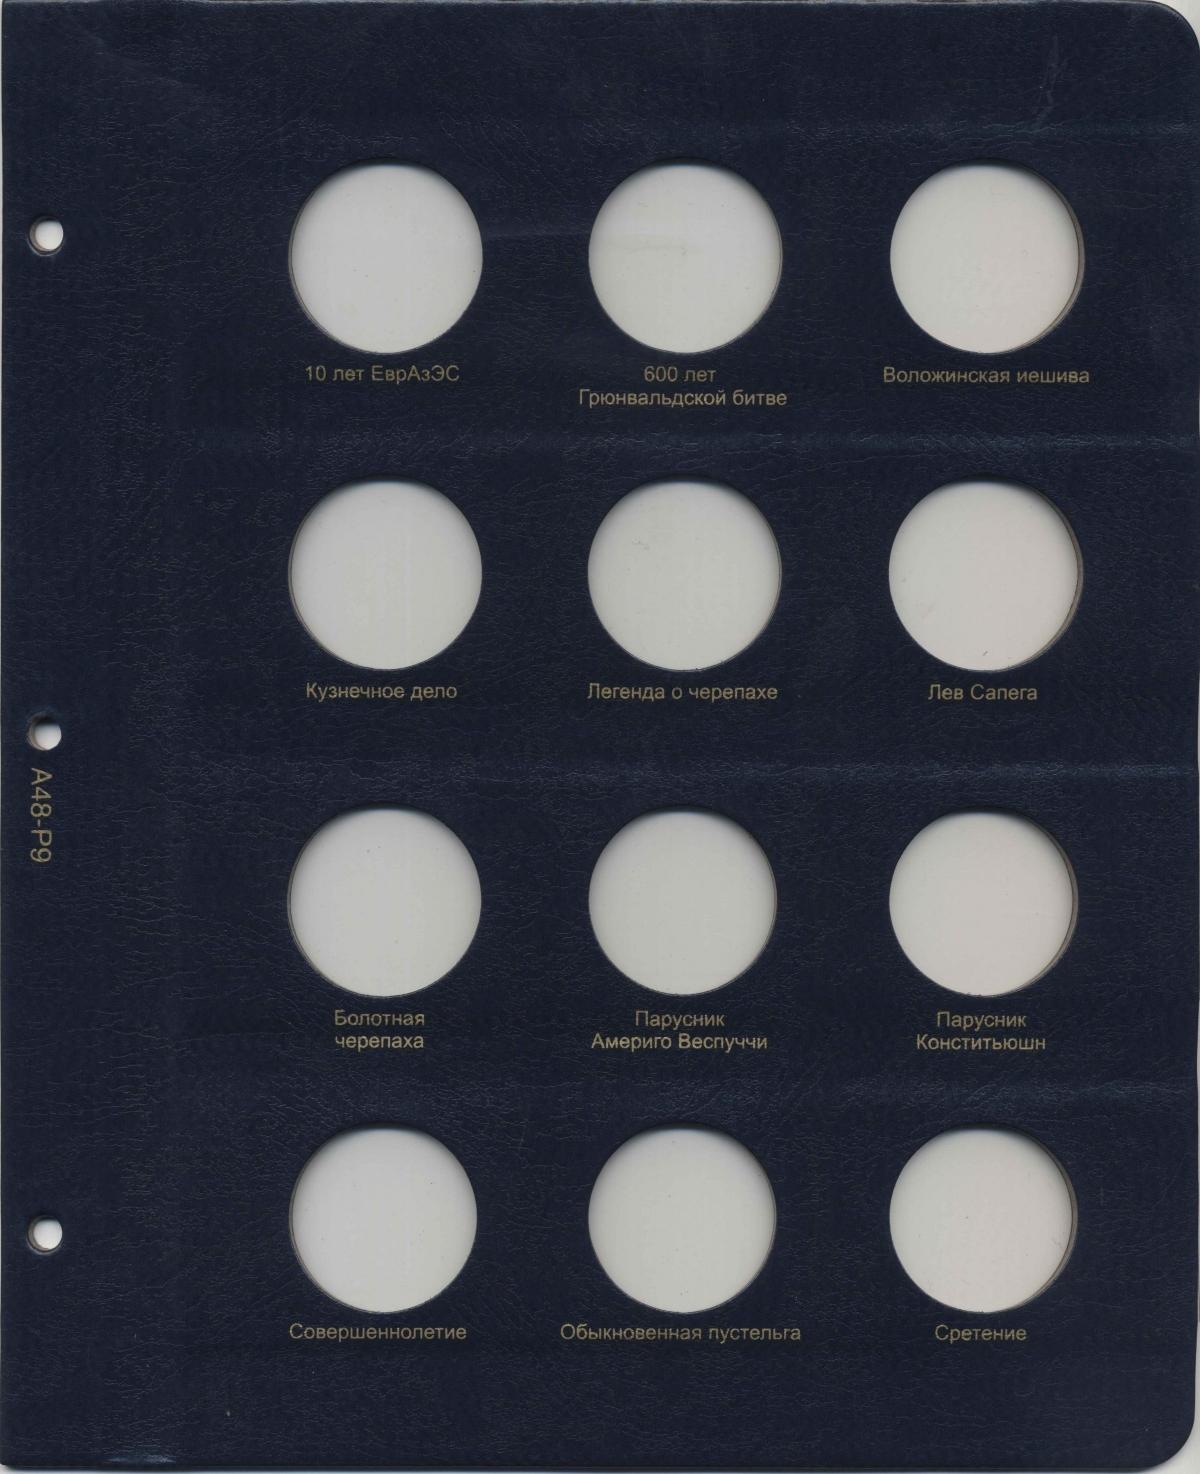 Альбом для памятных монет Республики Беларусь. Том I